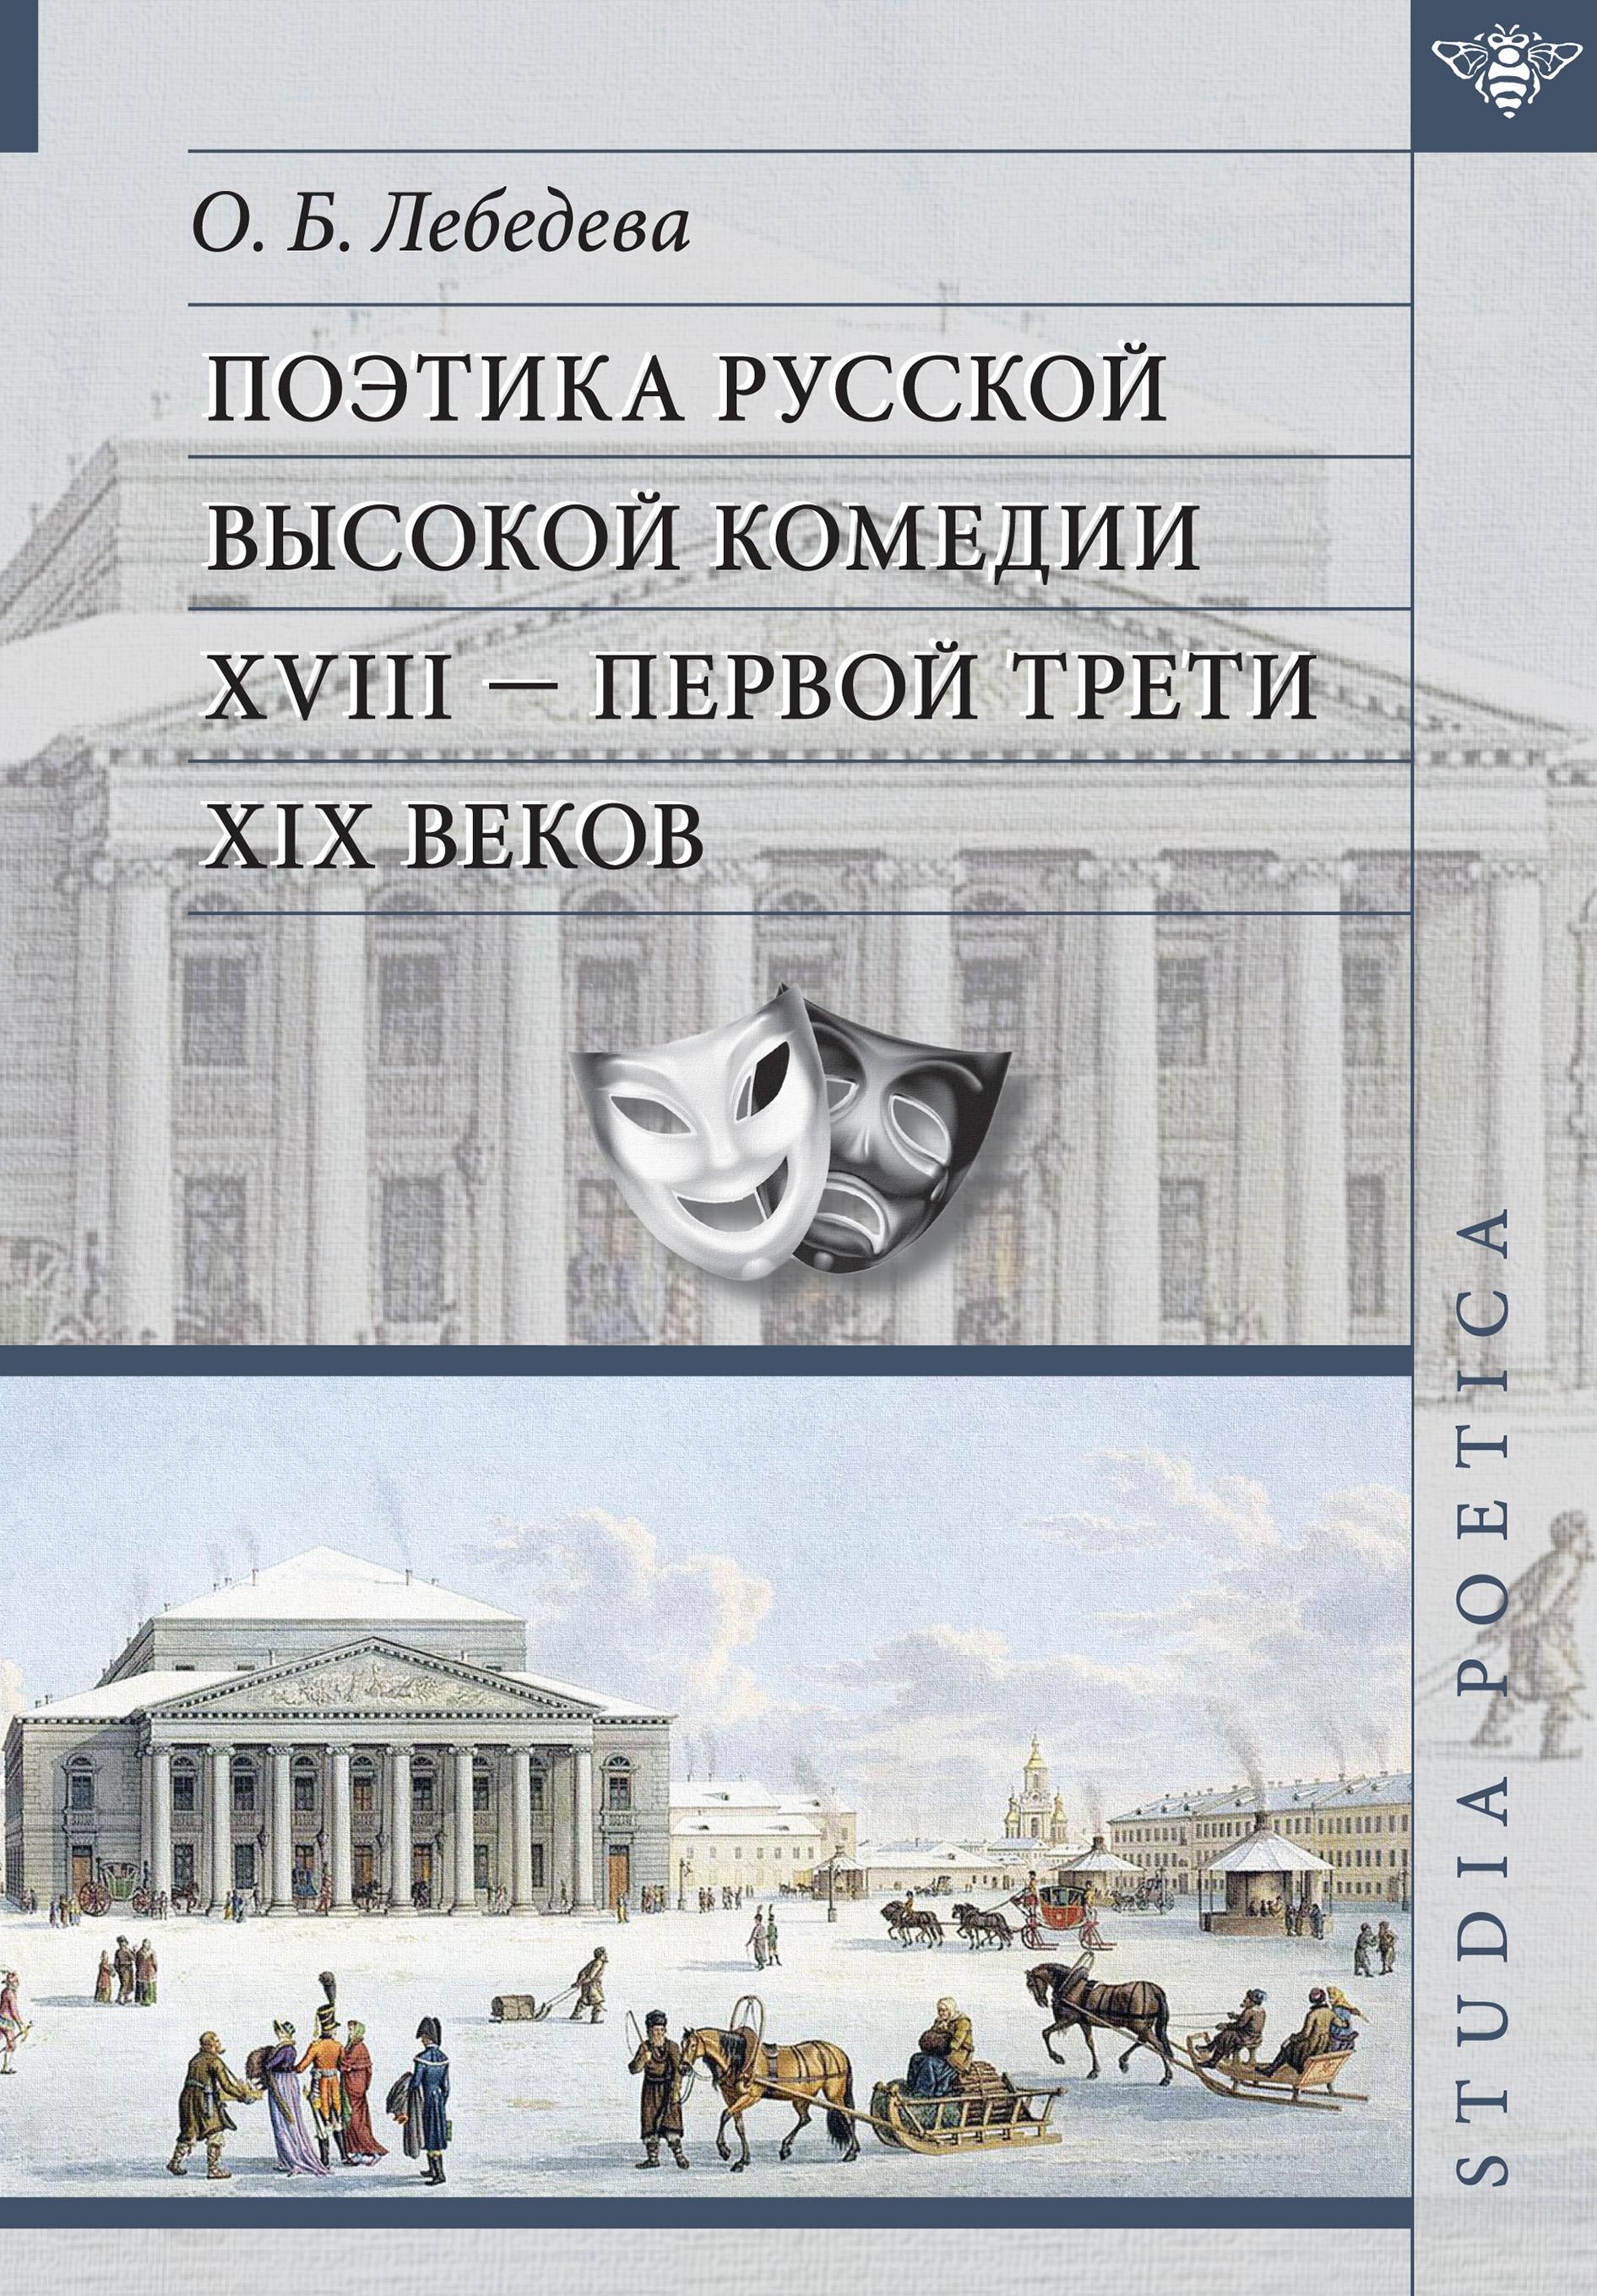 Поэтика русской высокой комедии XVIII – первой трети XIX веков